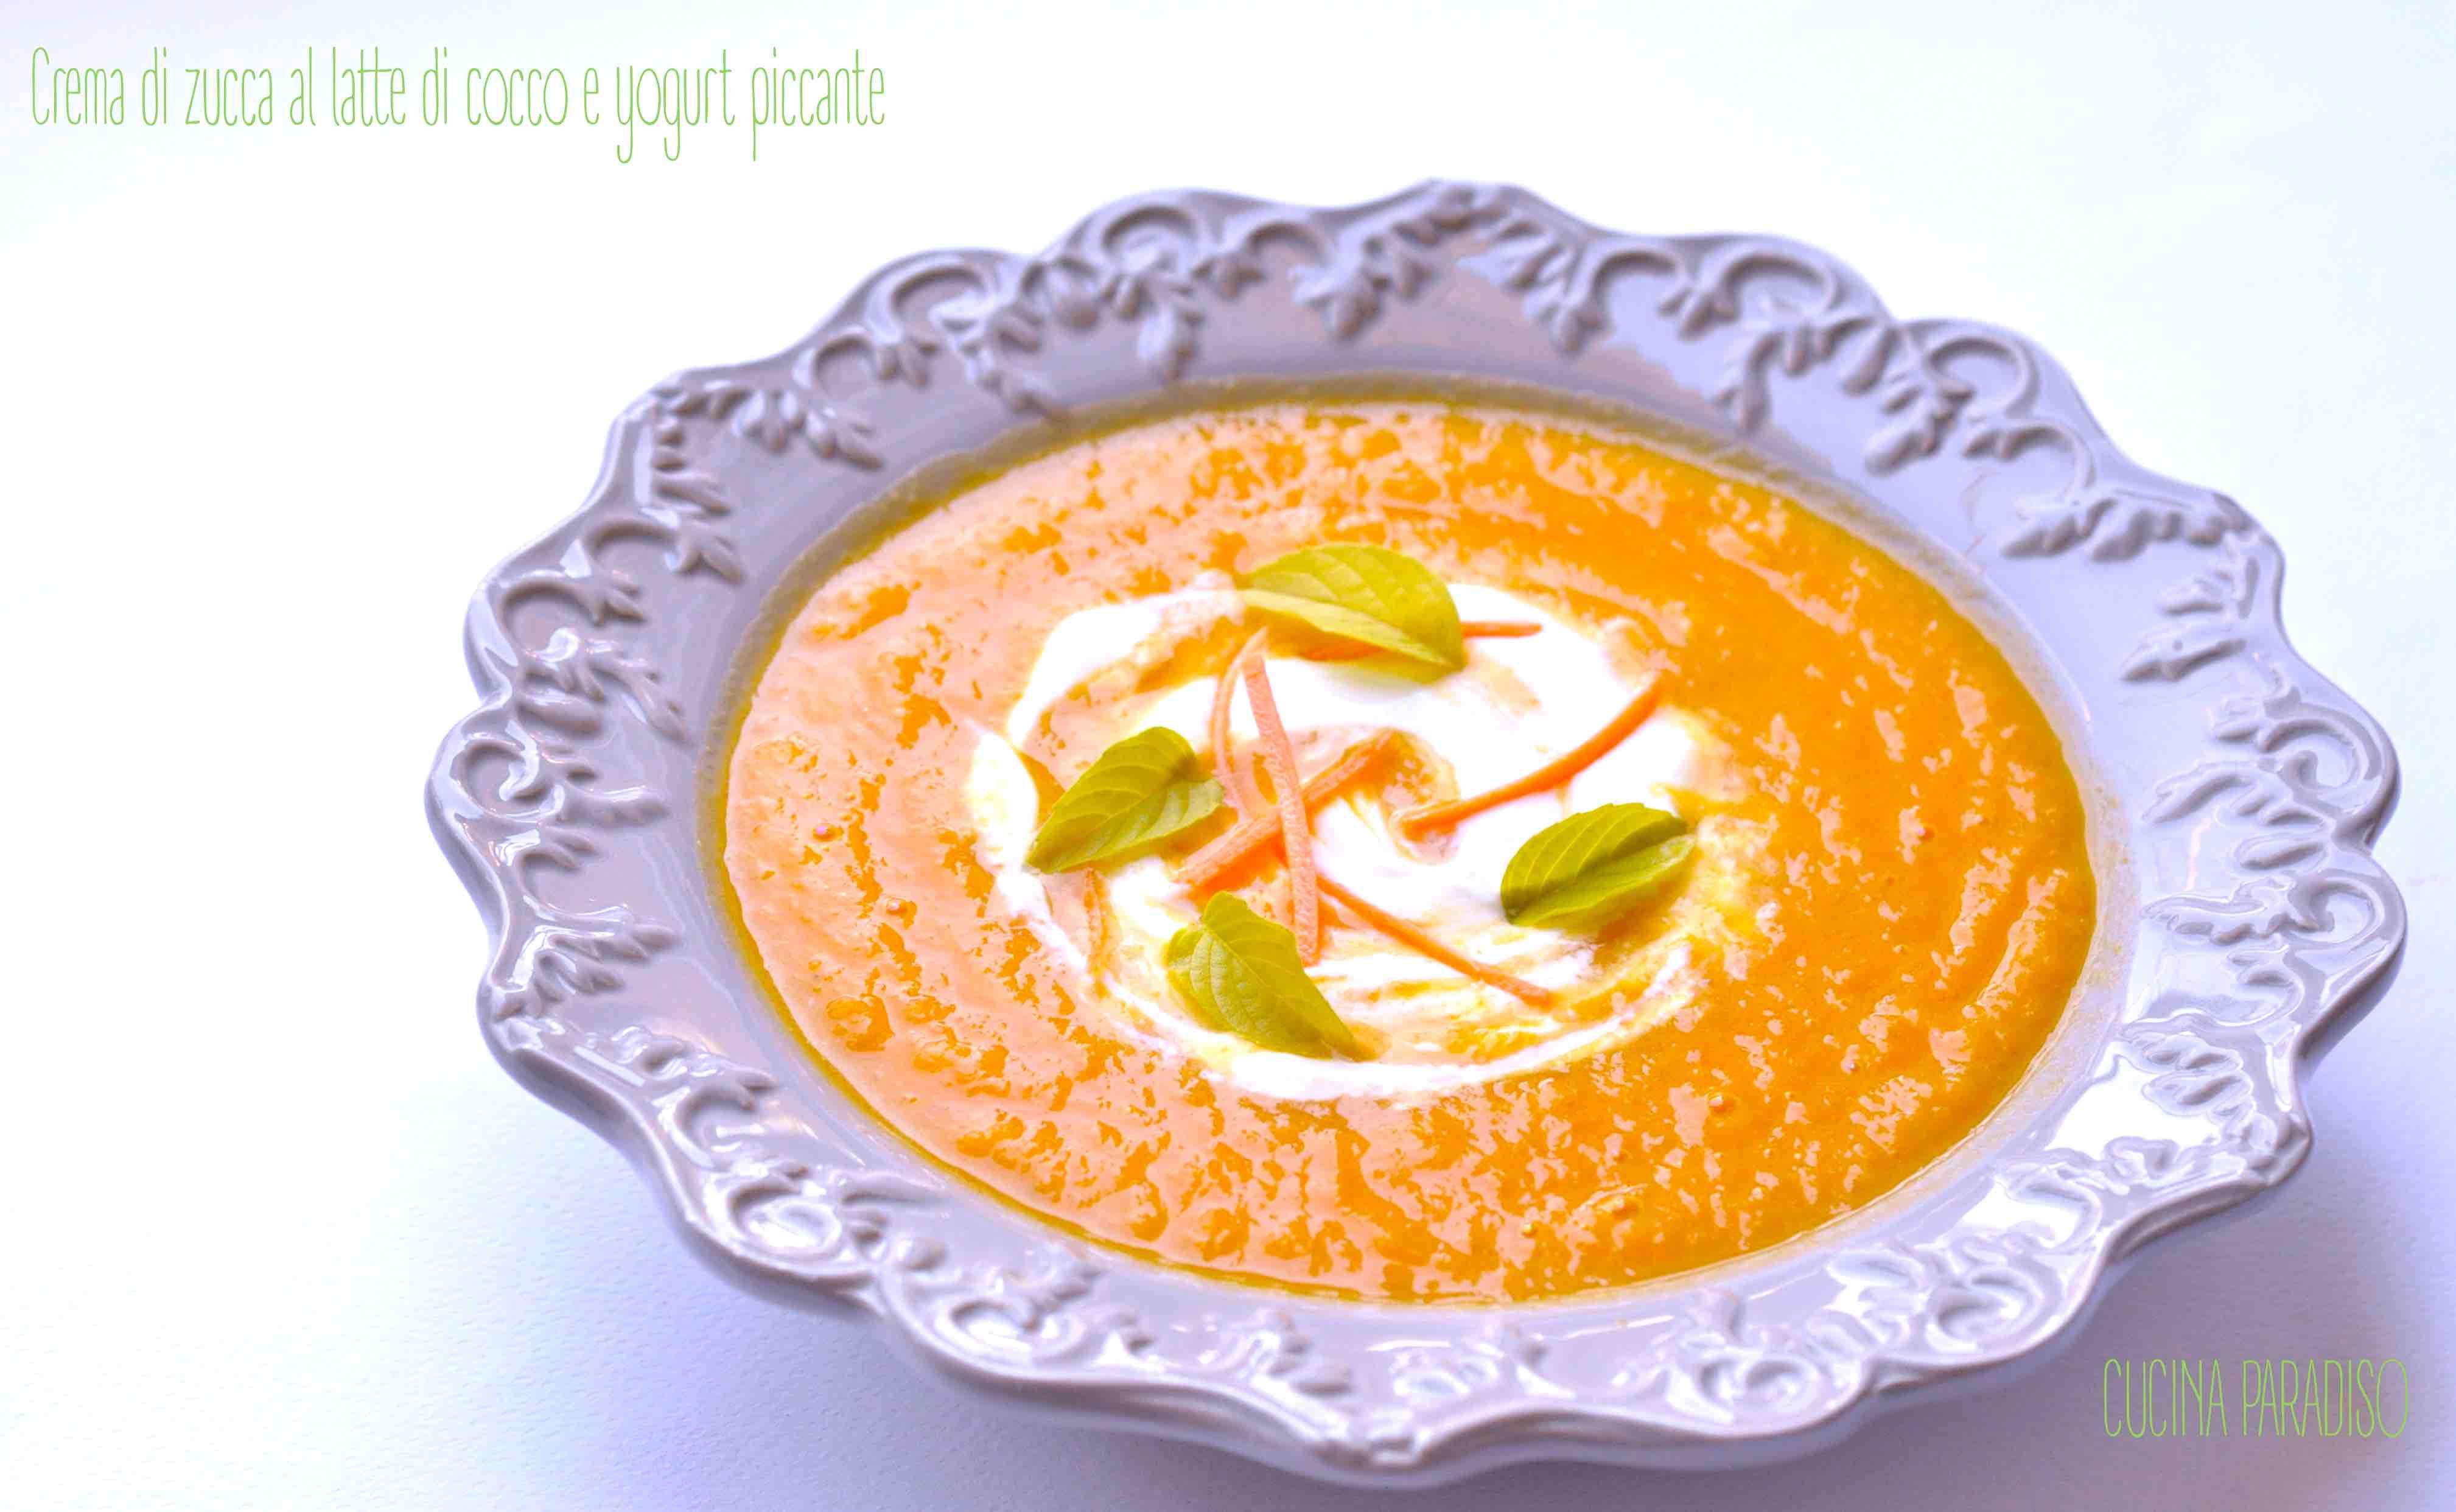 Crema di zucca al latte di cocco e yogurt piccante3